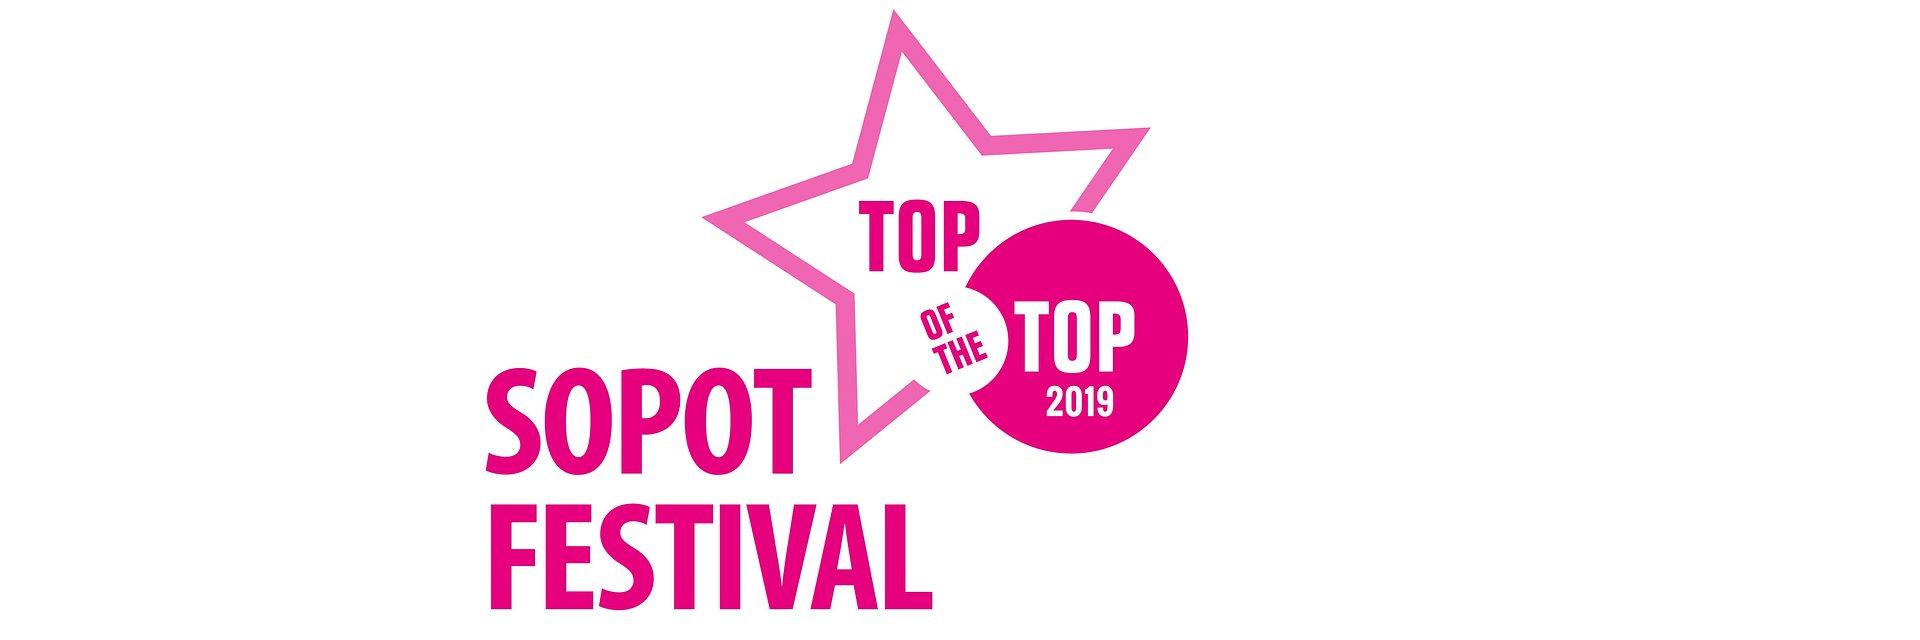 Rusza TOP OF THE TOP SOPOT FESTIVAL 2019 – muzyczne wydarzenie lata!